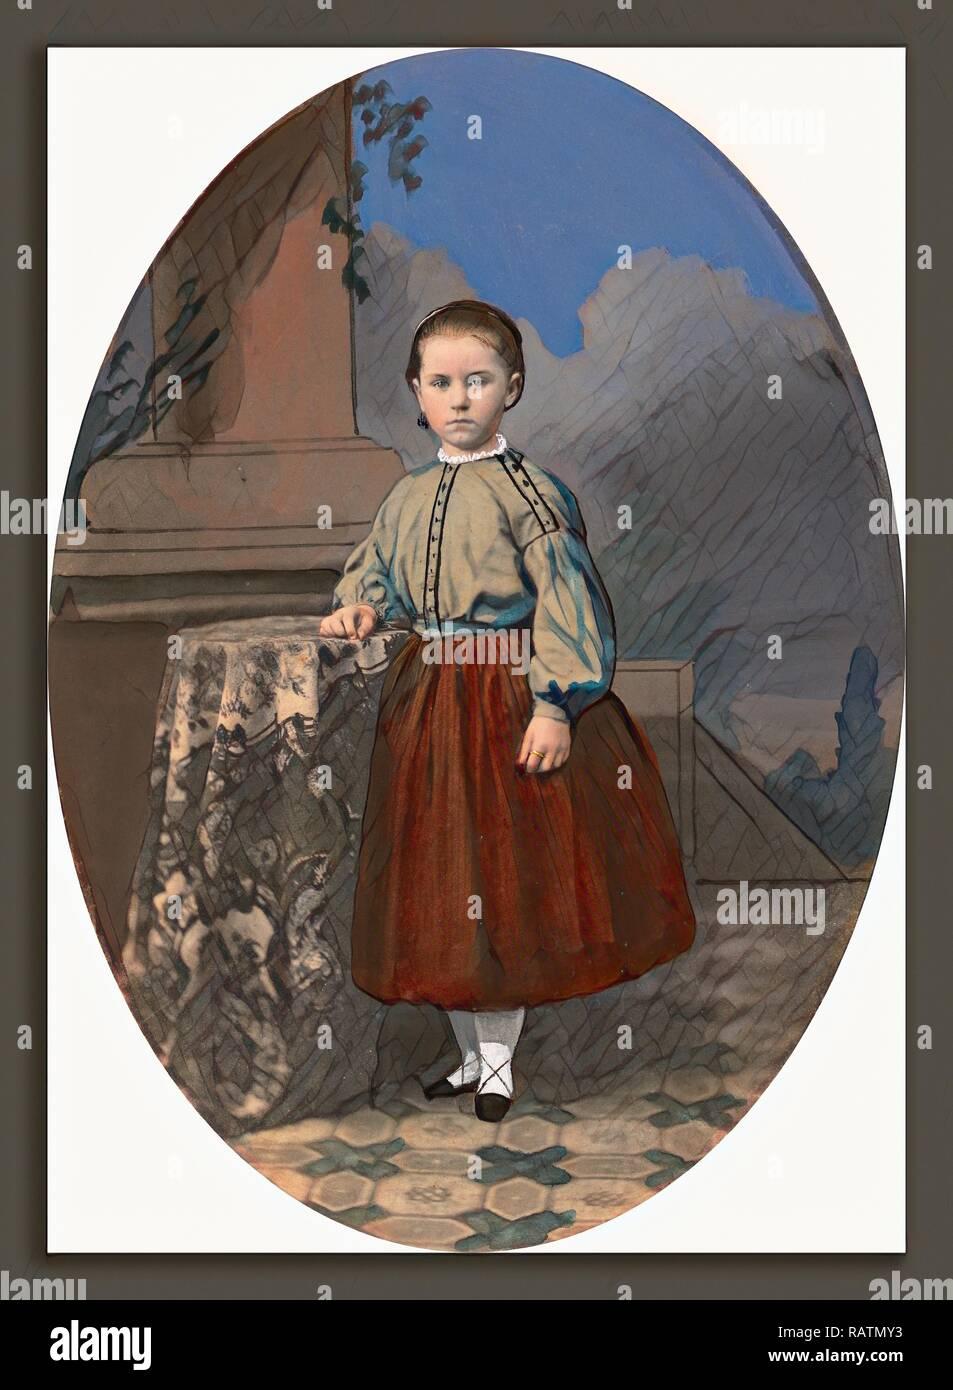 American del XIX secolo, Untitled, 1800 - 1899, dipinte a mano e salata di stampa della carta. Reinventato da Gibon. Arte Classica con reinventato Immagini Stock